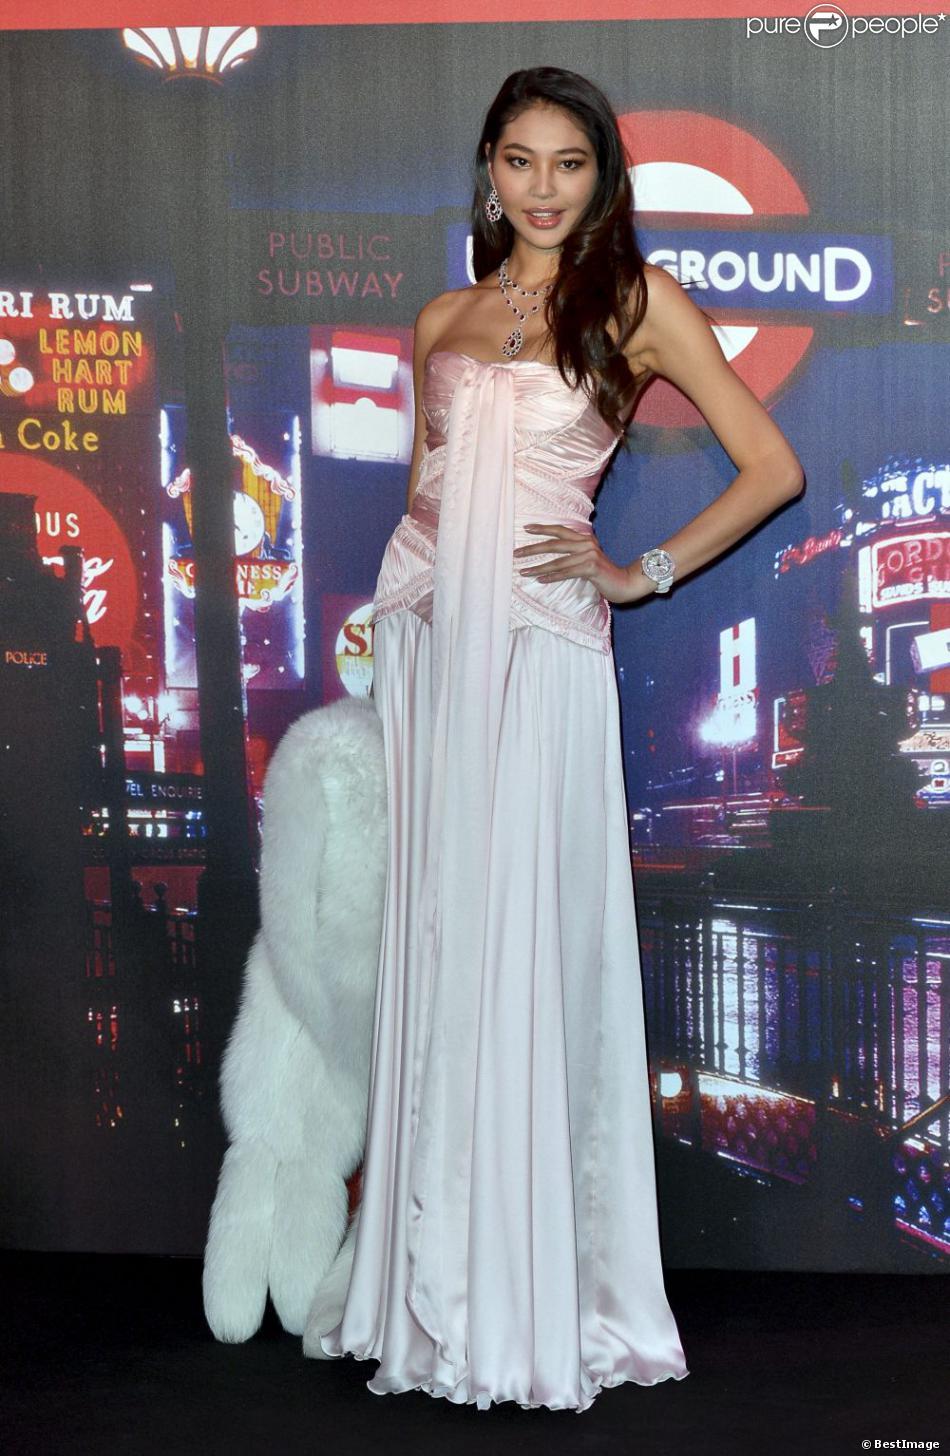 Luo Zilin, Miss Chine 2011 en mars 2012 lors du Bal de la Rose à Monaco